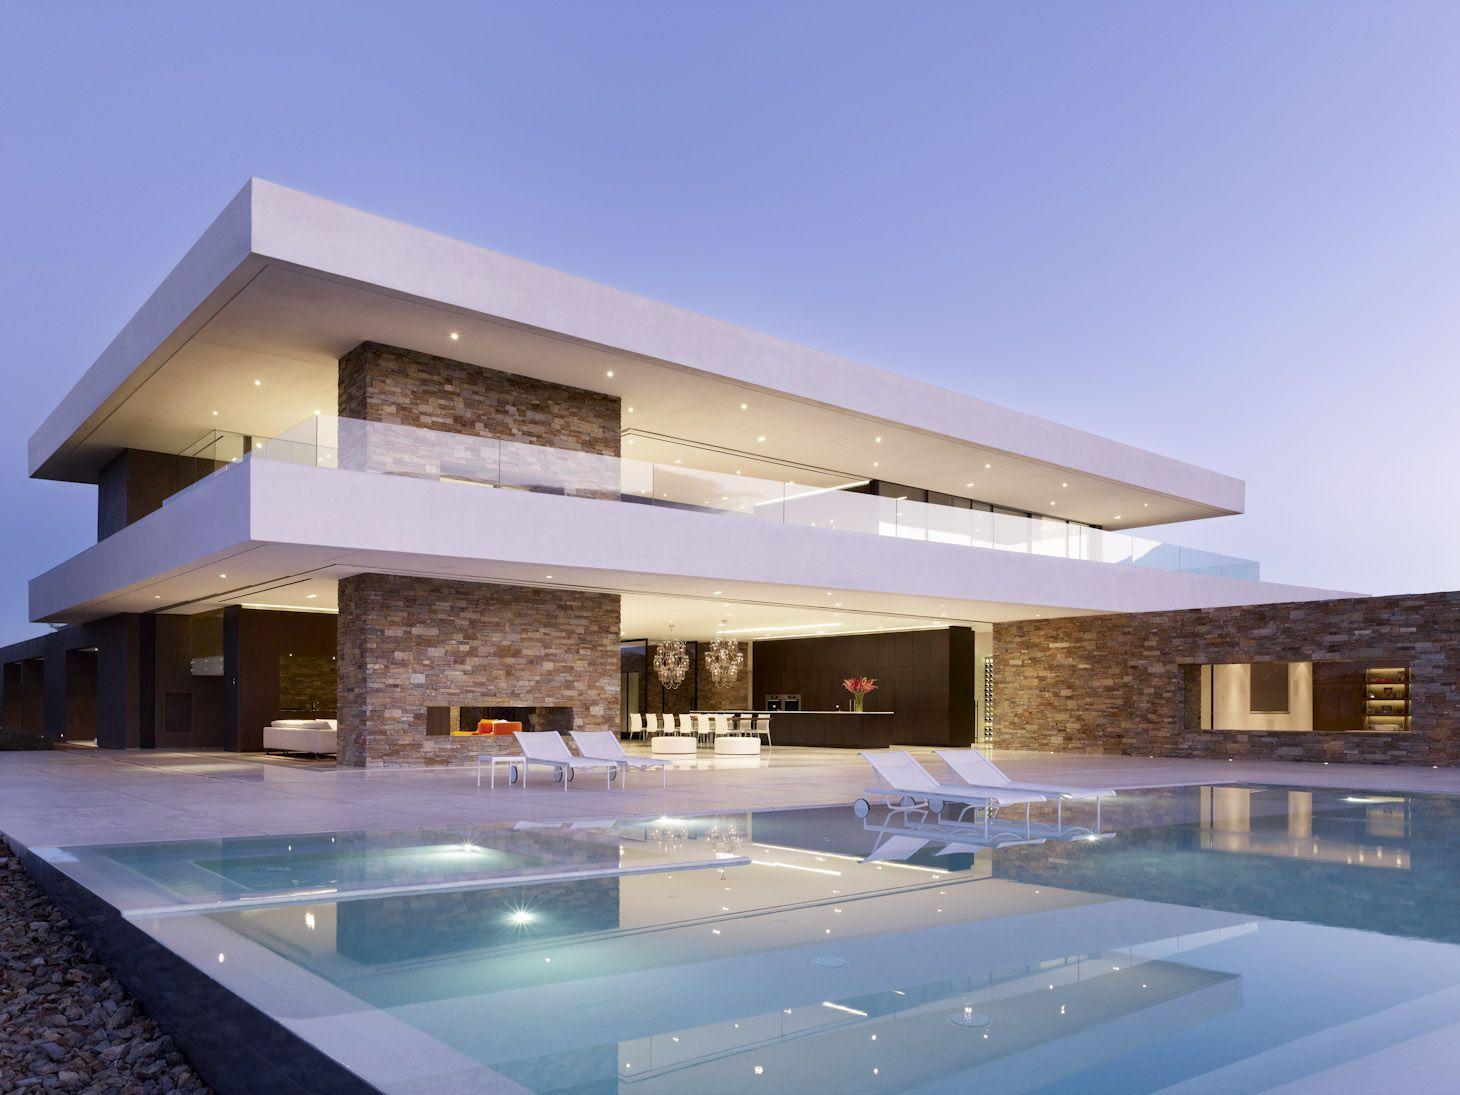 Casas modernas com piscinas board of directors for Piscinas modernas